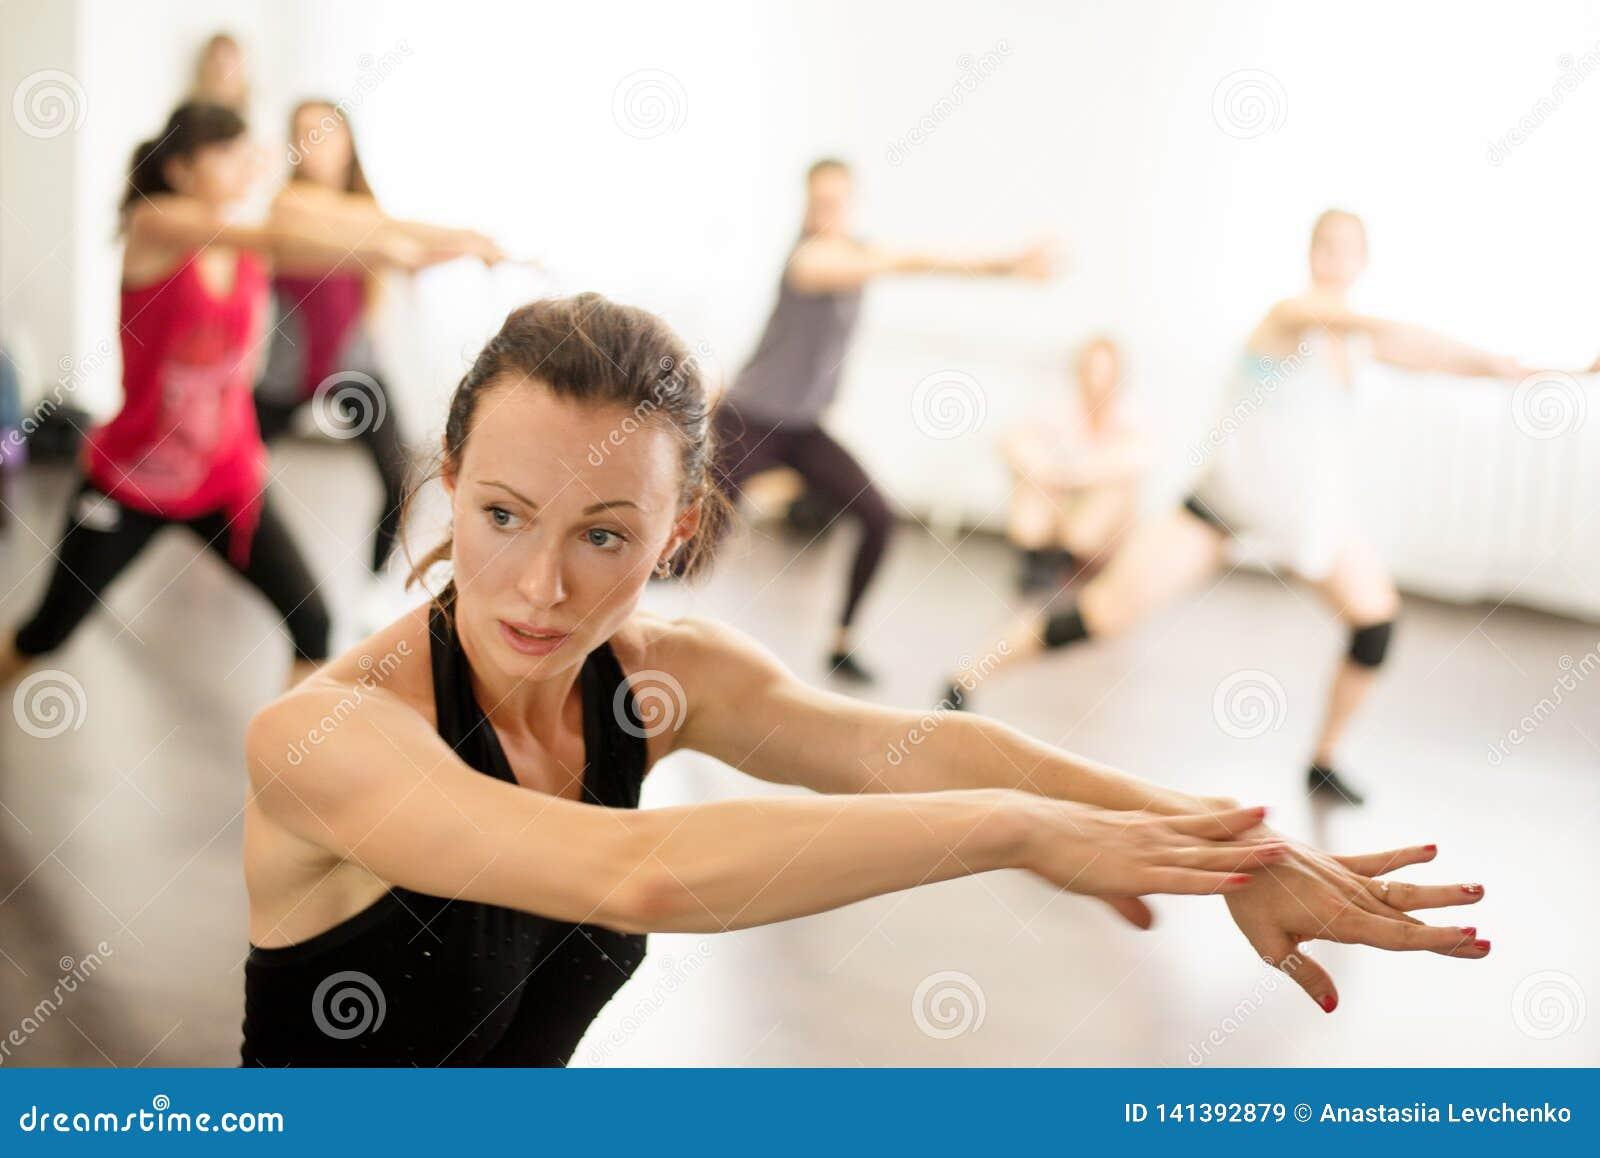 Kiev De Oekraïne 06 20 2018 Professionele danser jonge meisjes in een dansles in een moderne dansschool